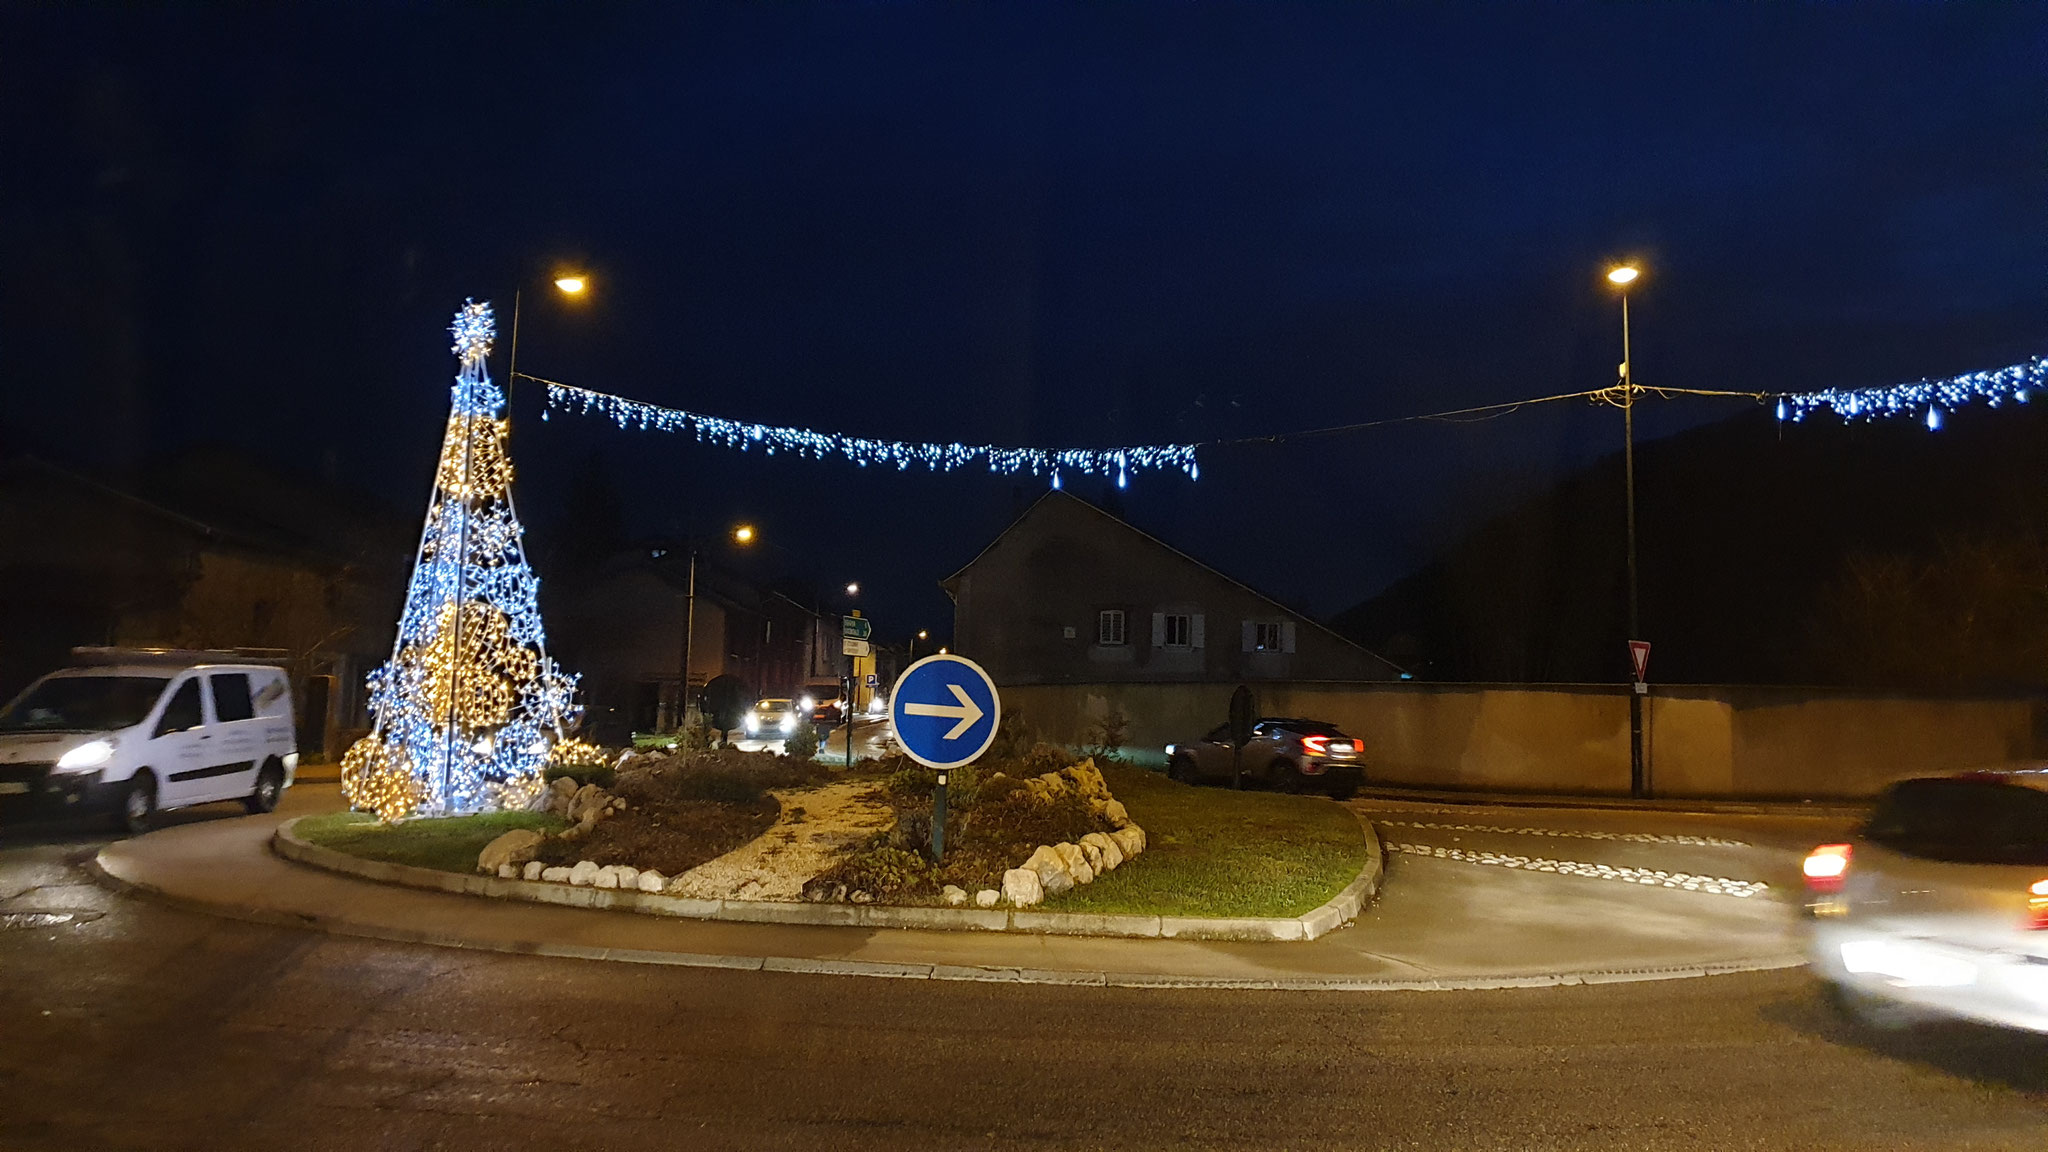 Die Weihnachtsbeleuchtung in Frankreich sieht ganz anders aus